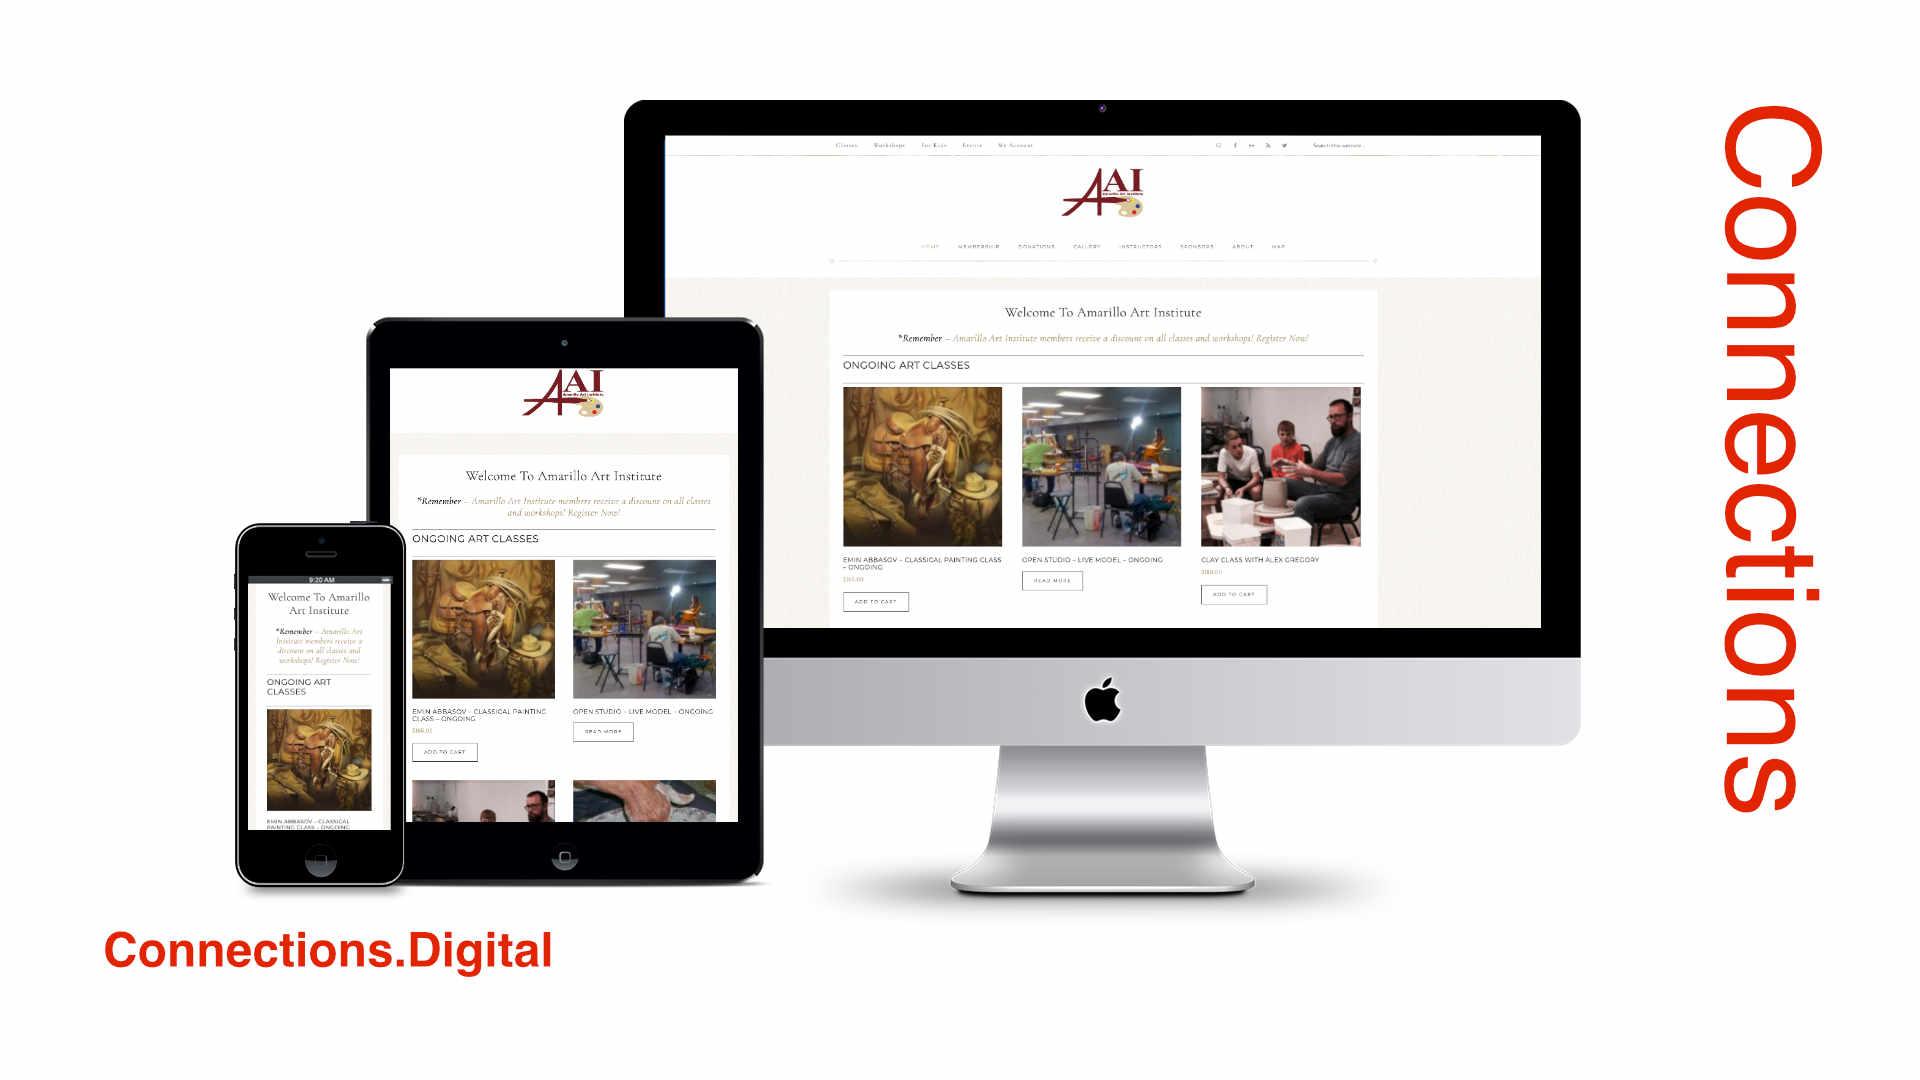 Amarillo Art Institute